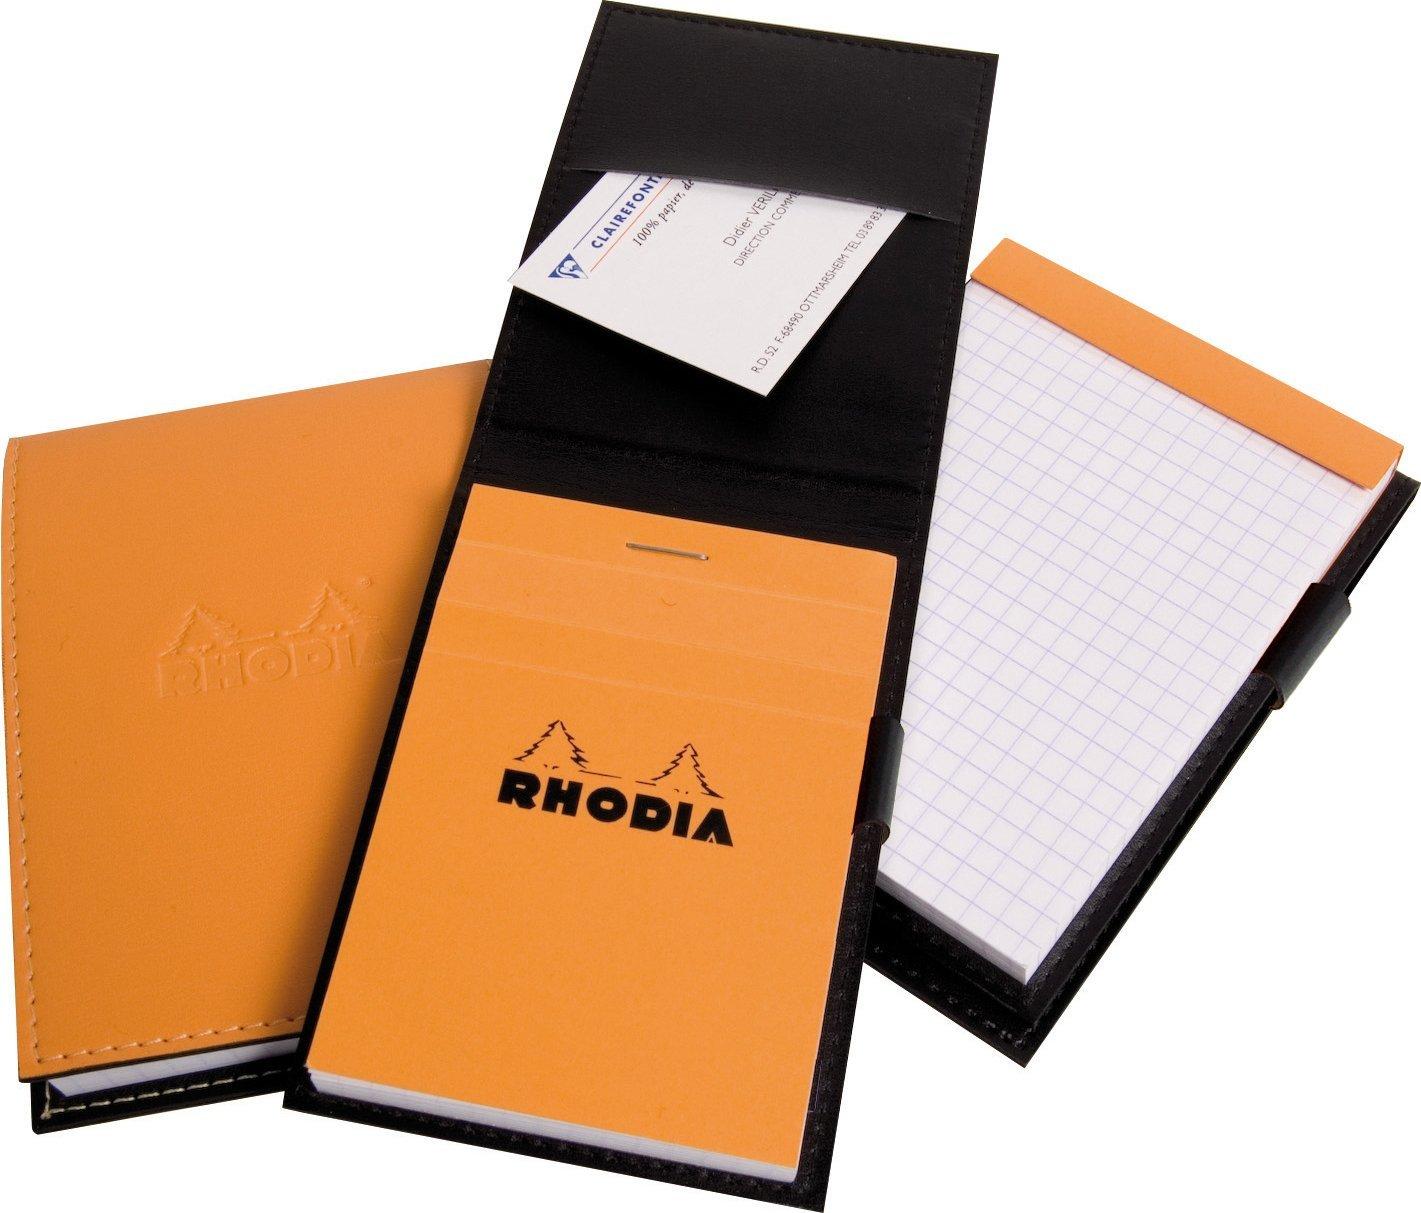 RHODIAのメモ帳